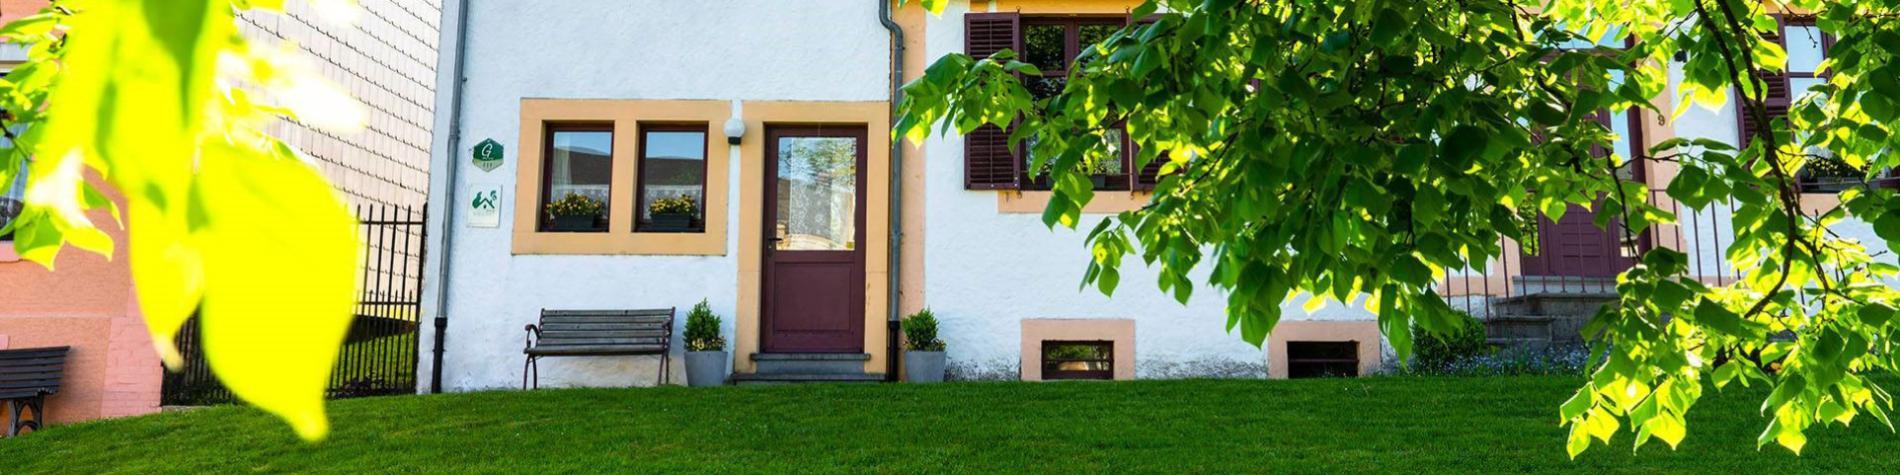 Gîte rural - La Petite Maison - Etalle - 3 épis